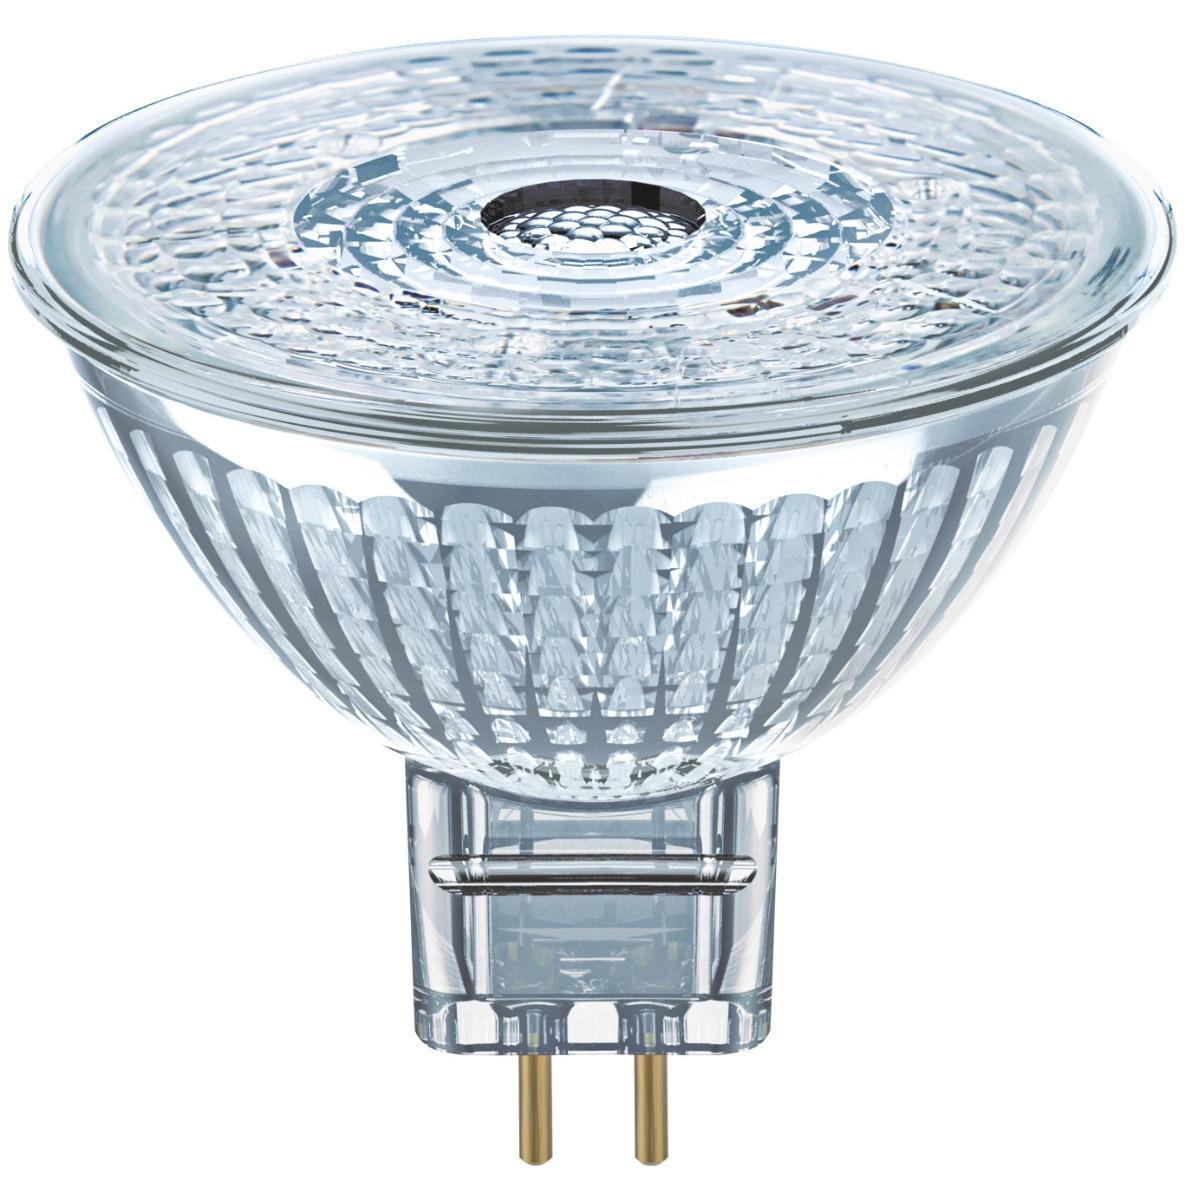 LED žárovka LED GU5.3 MR16 2,6W = 20W 230lm 3000K Teplá bílá 36° 12V OSRAM Parathom OSRPARE0011